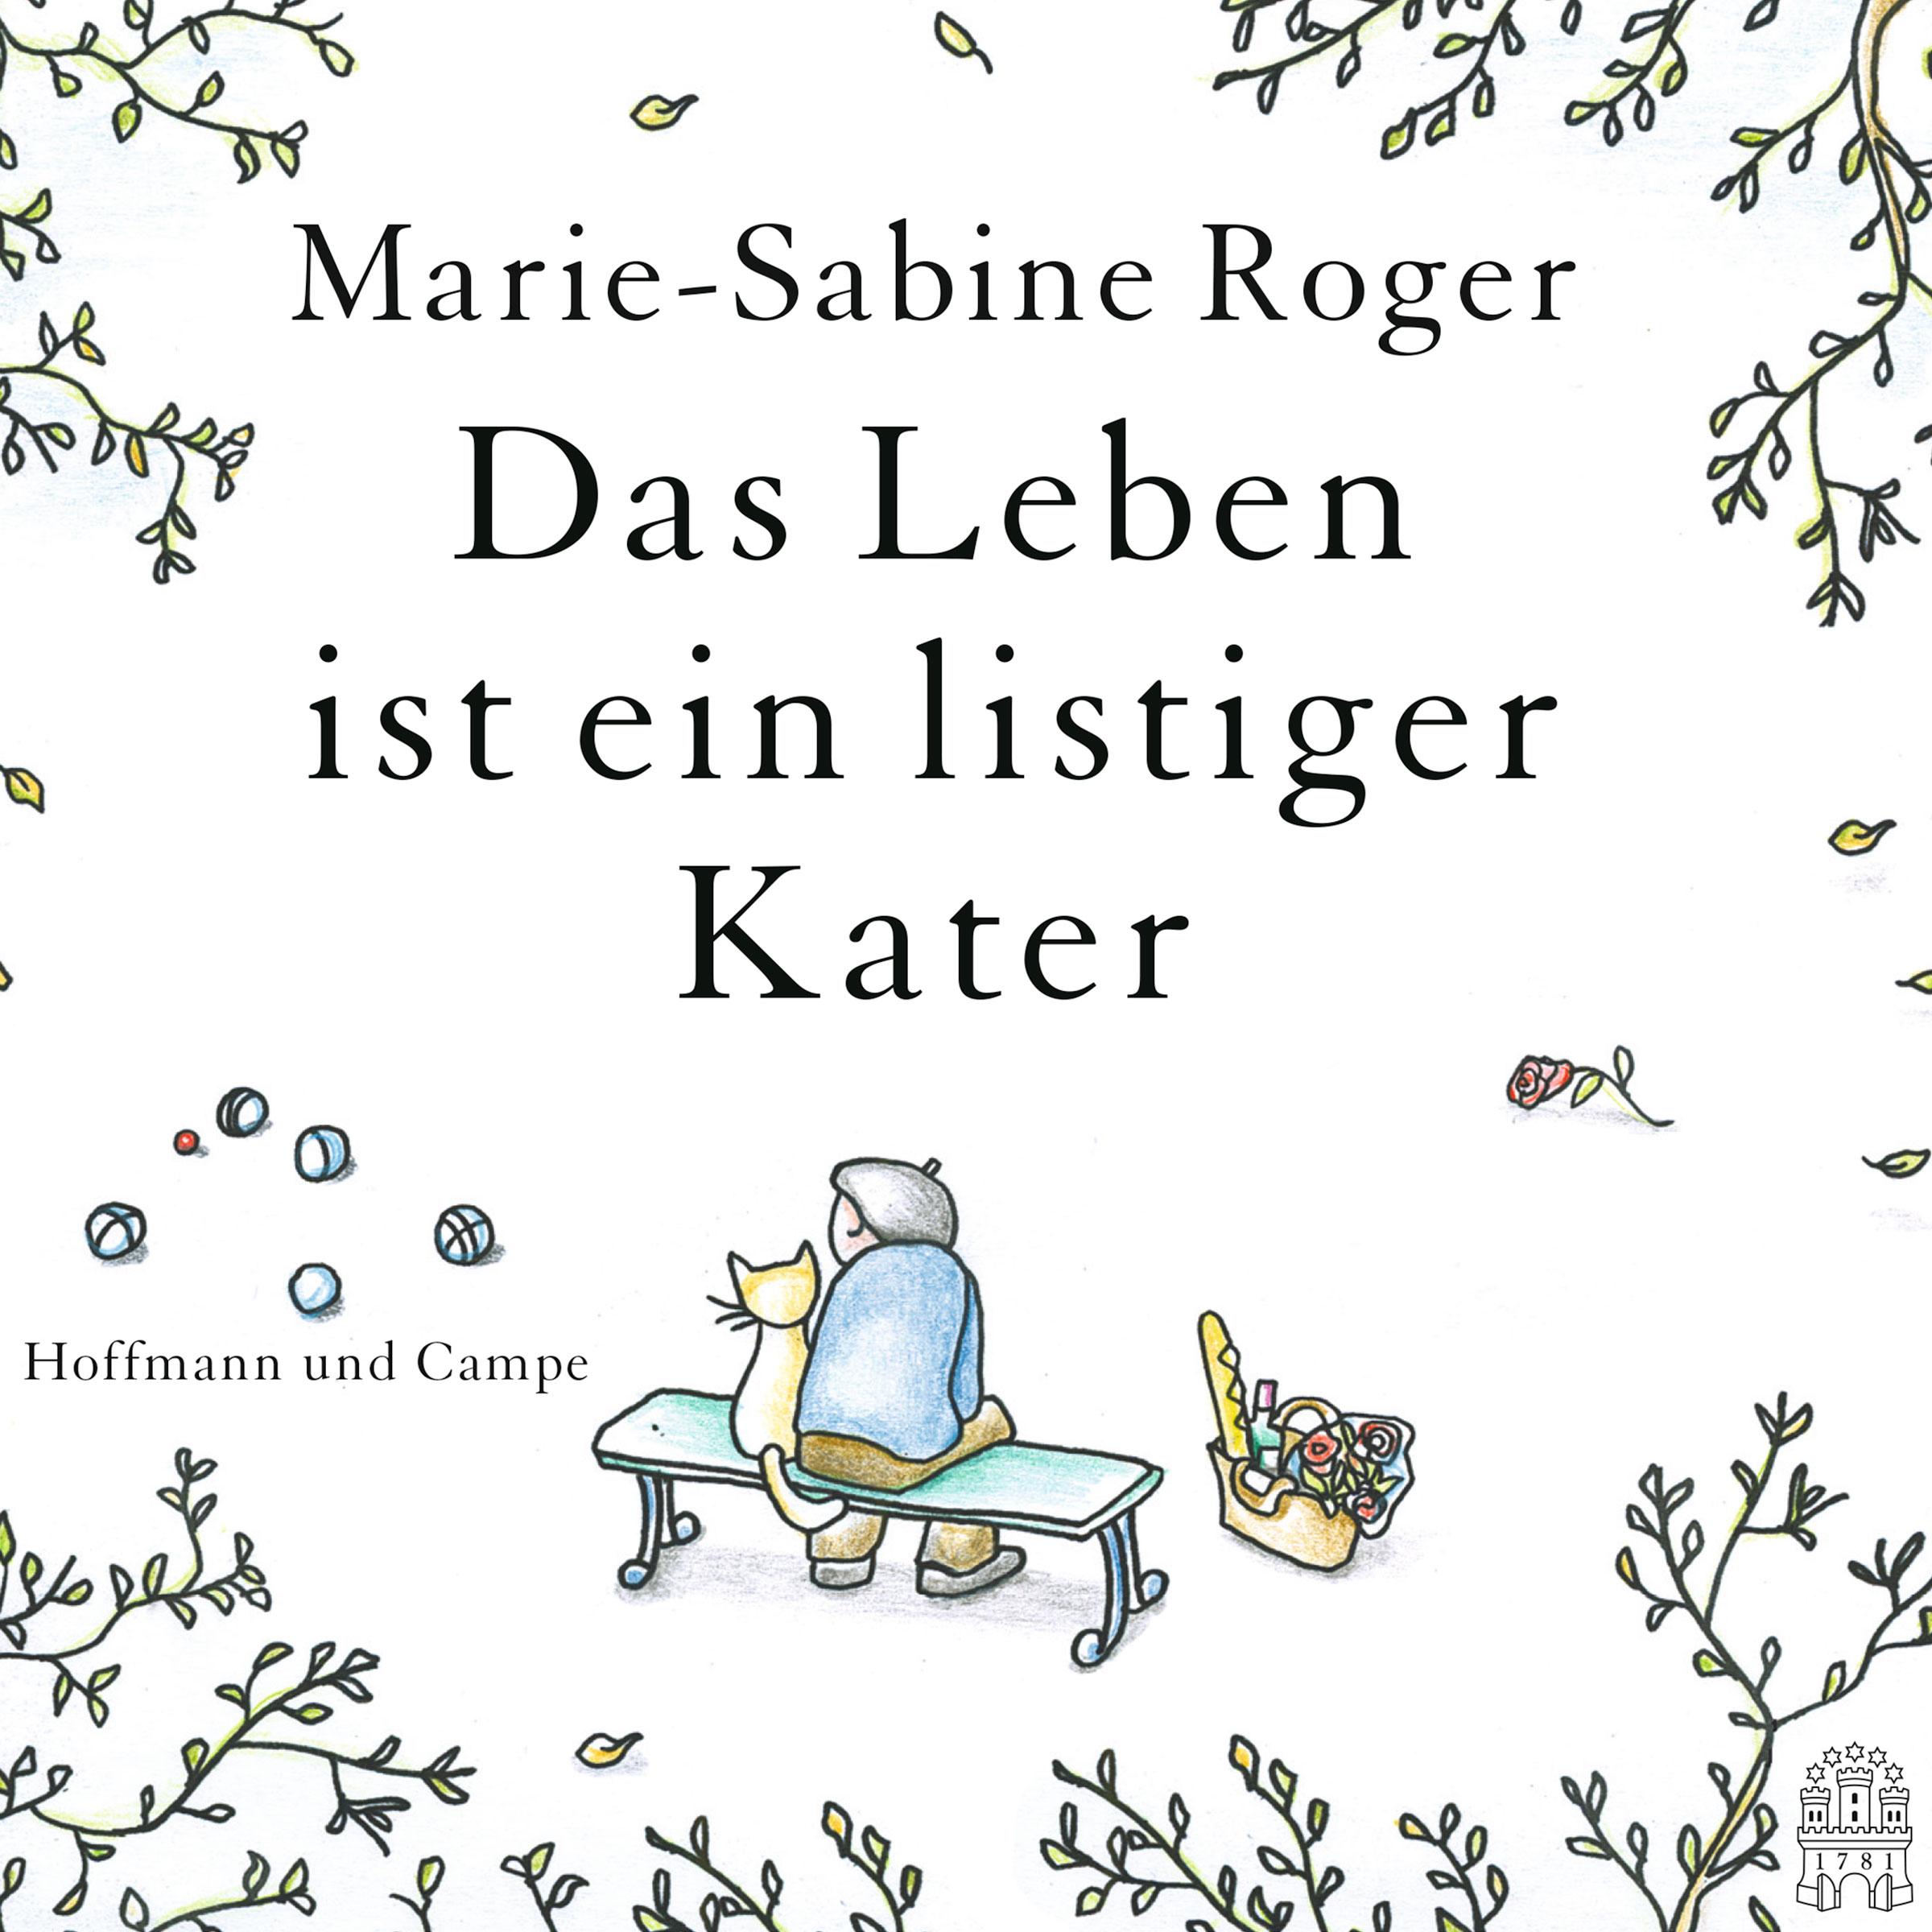 Das Leben ist ein listiger Kater - Marie-Sabine Roger